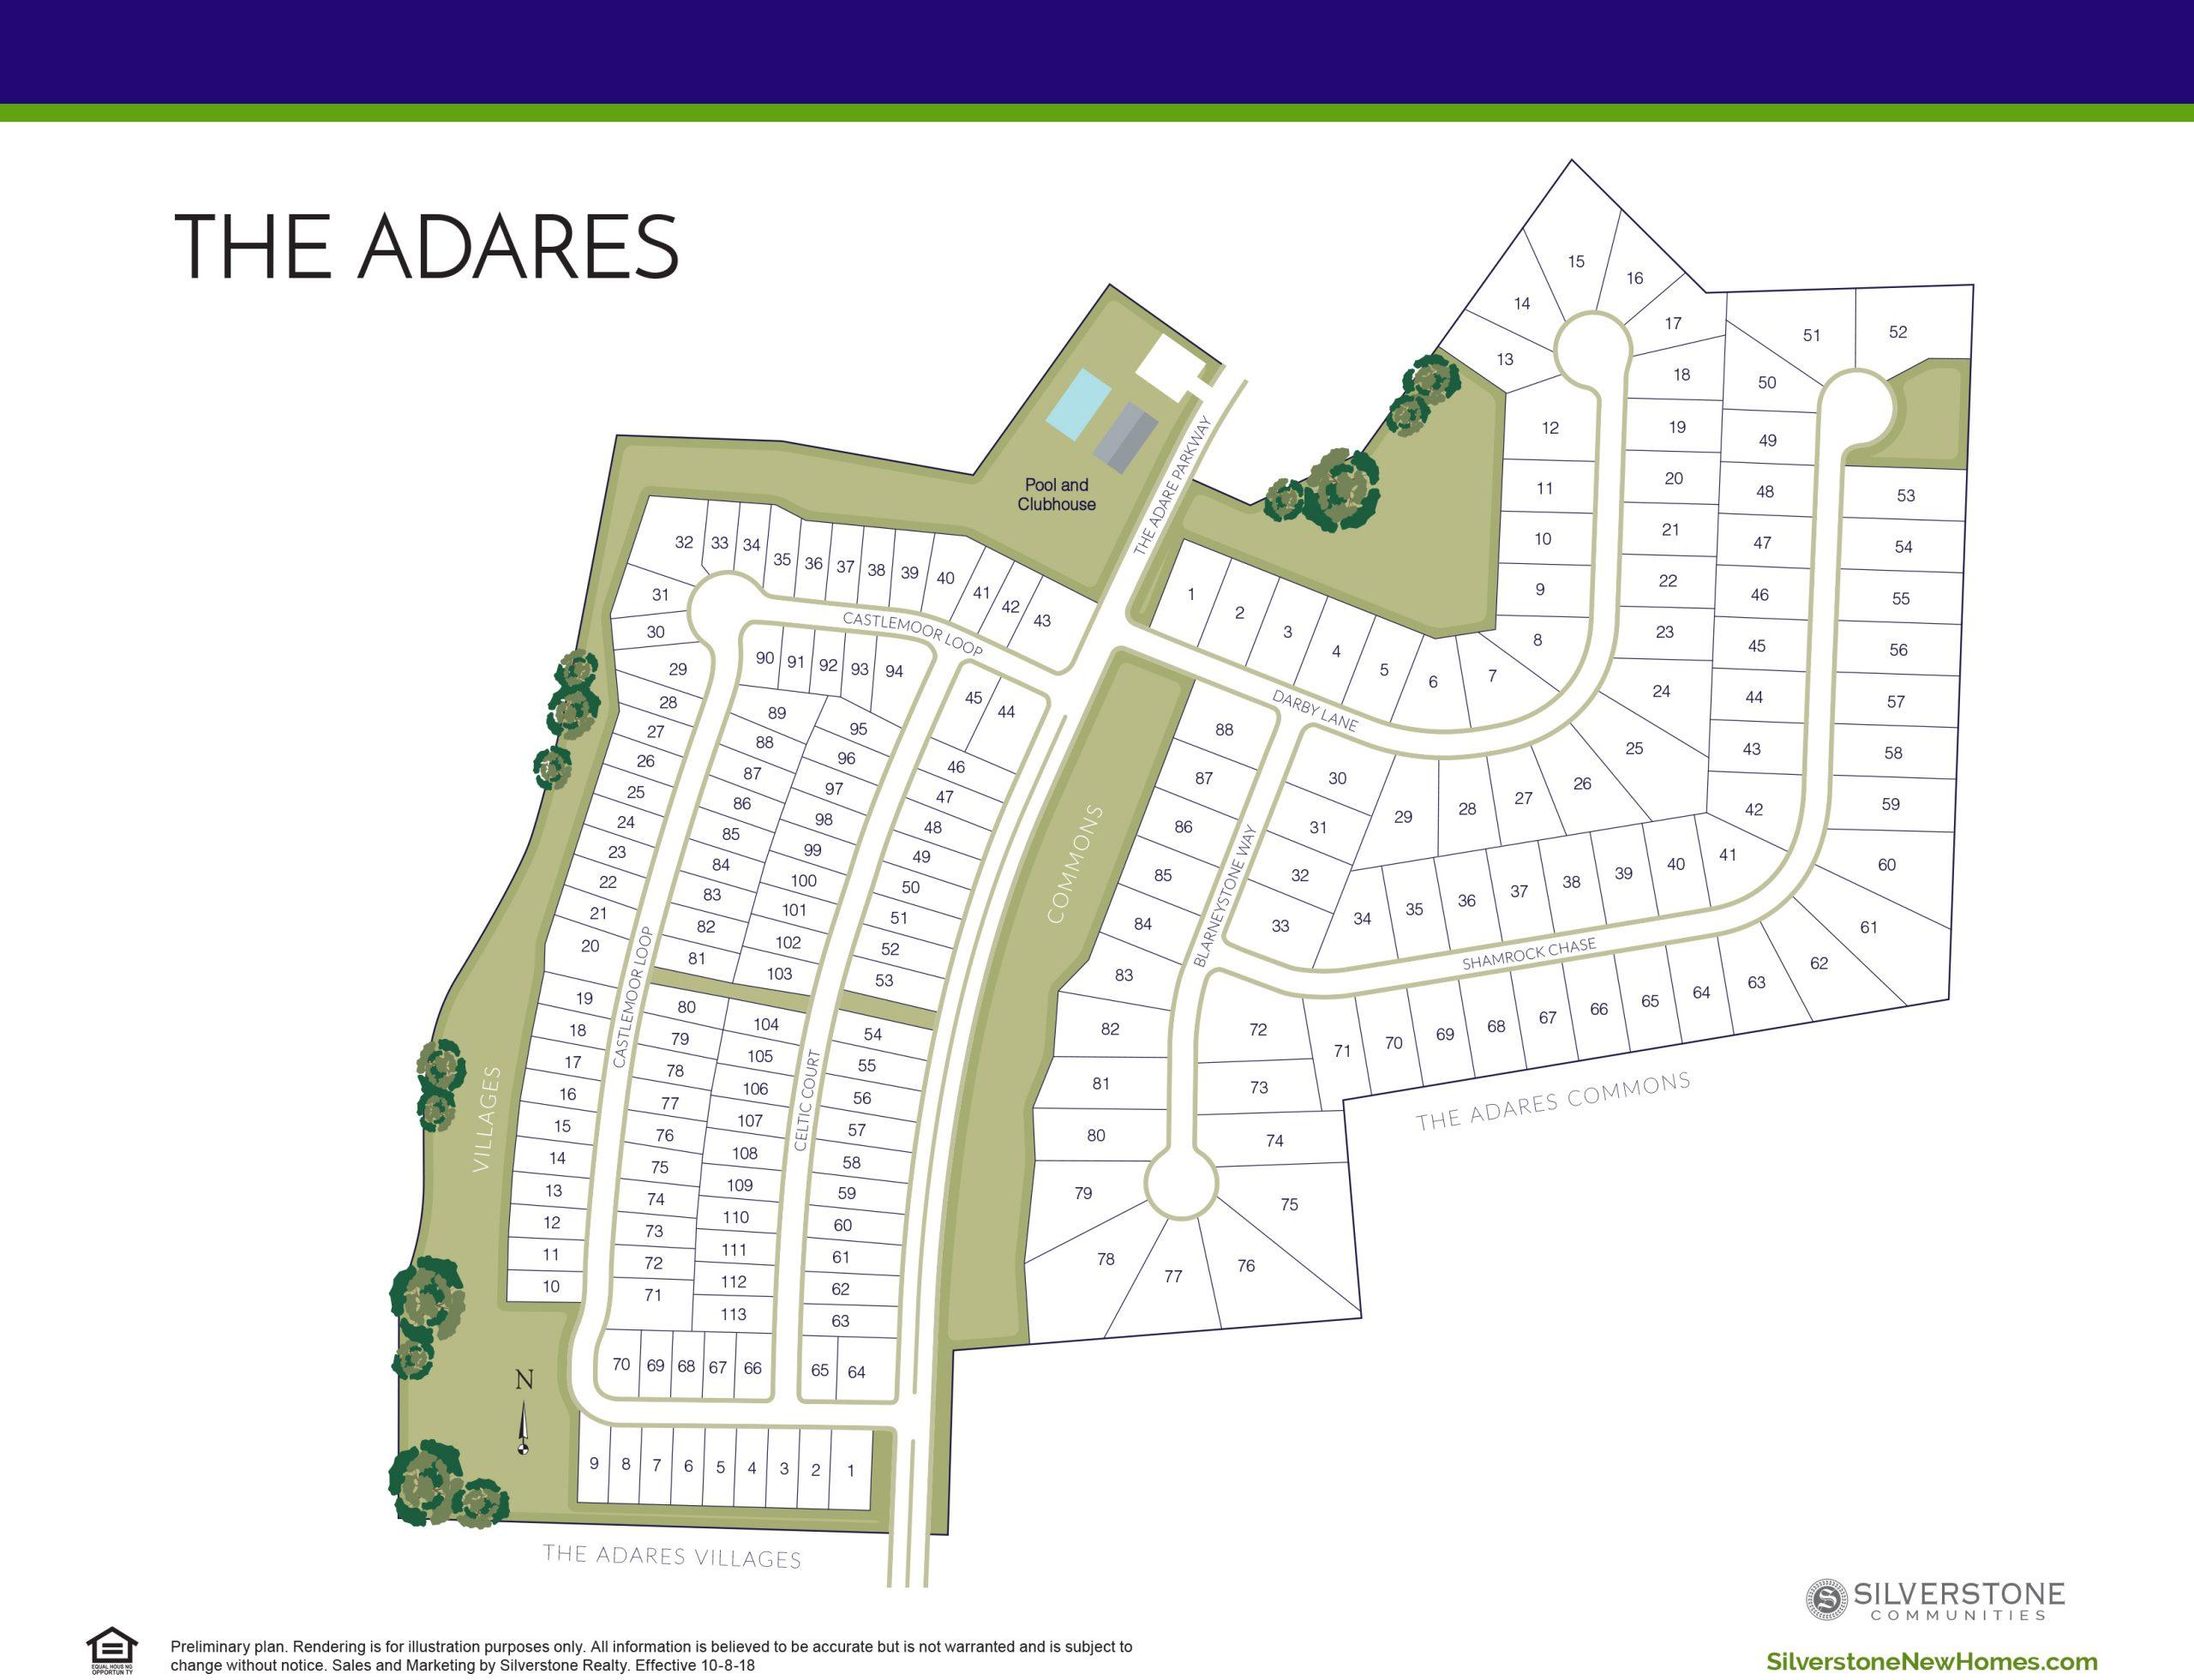 The Adares